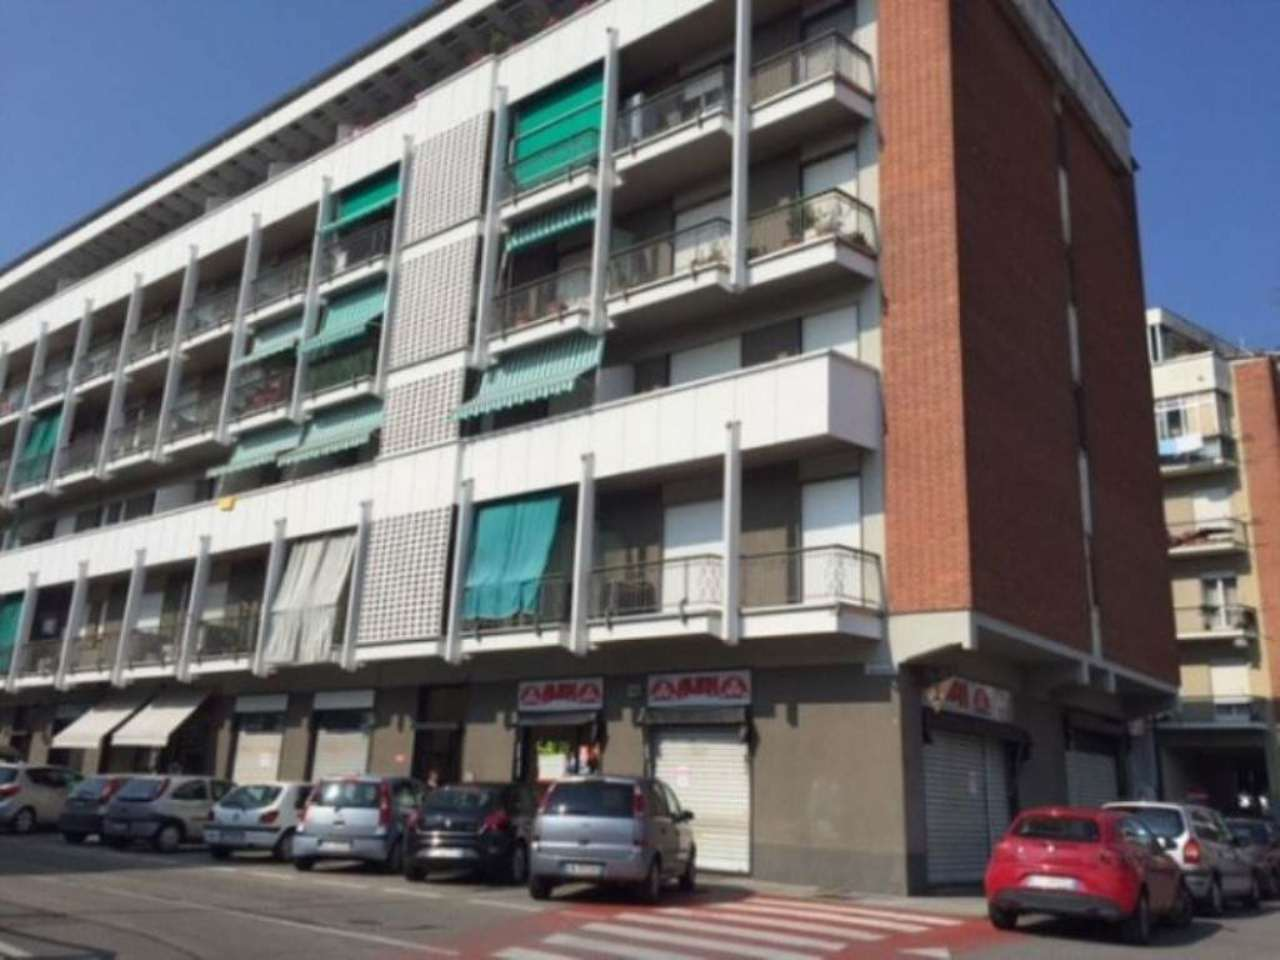 Negozio / Locale in vendita a Chieri, 2 locali, prezzo € 120.000 | CambioCasa.it